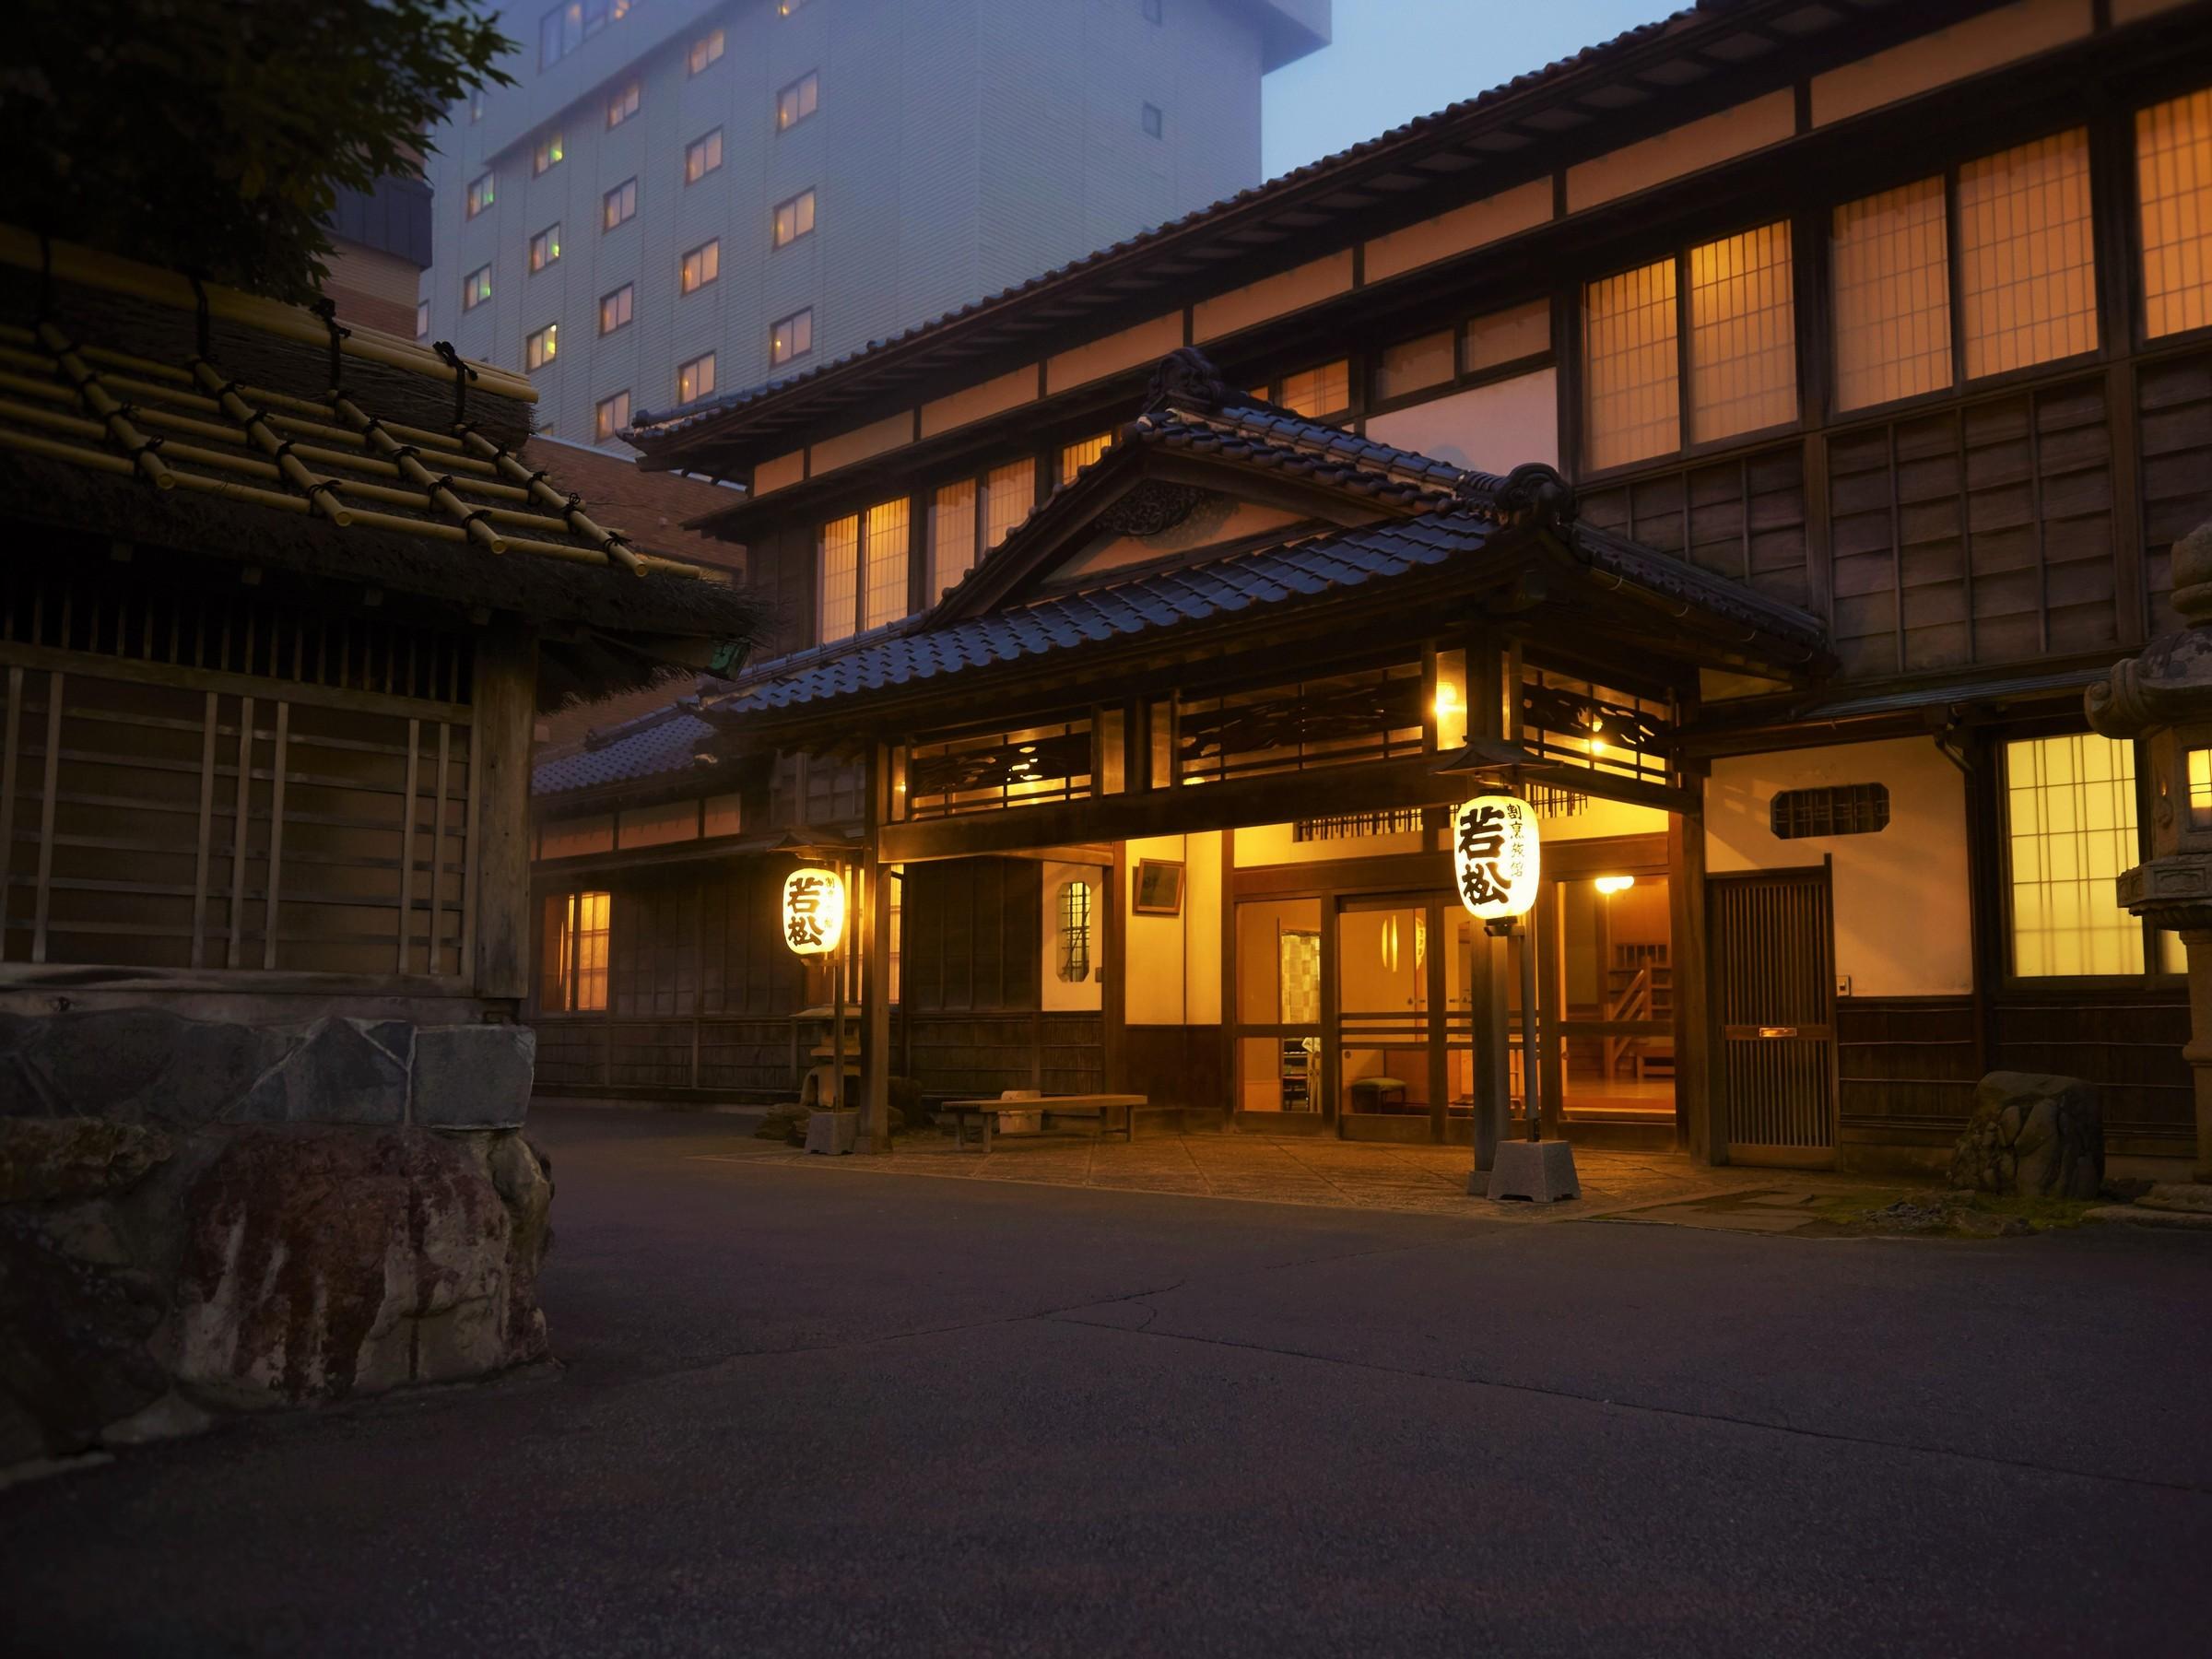 割烹旅館 若松◆楽天トラベル